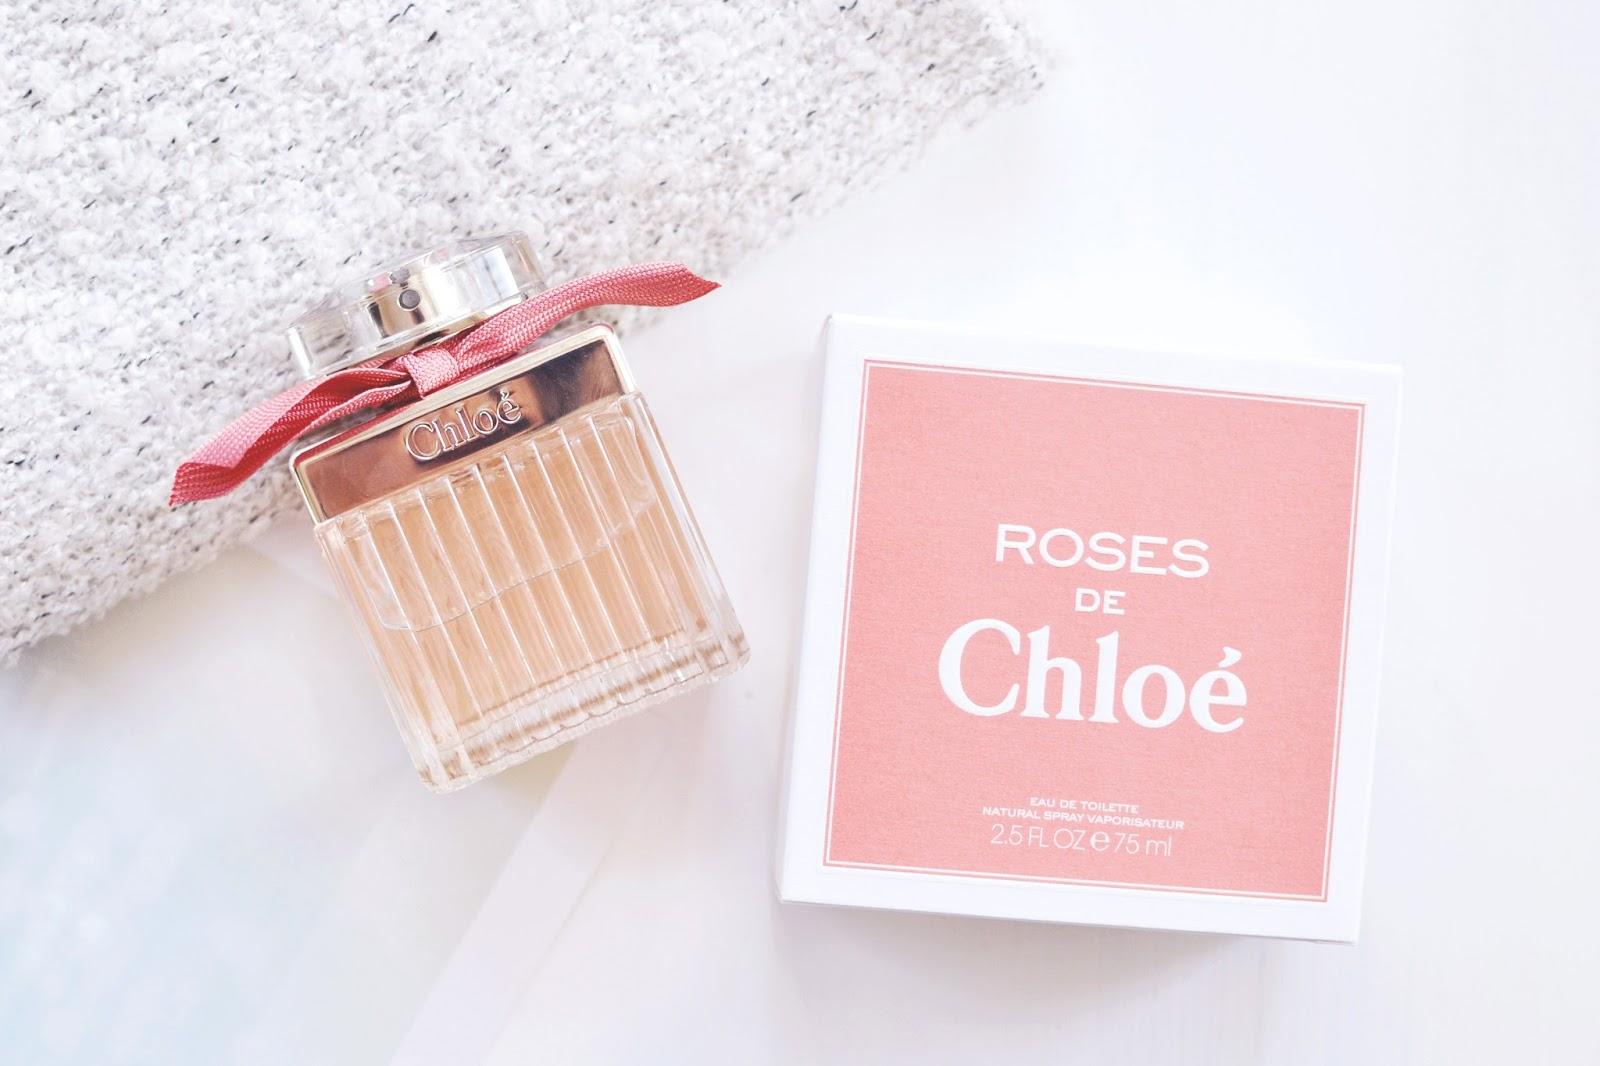 chloe de roses perfume